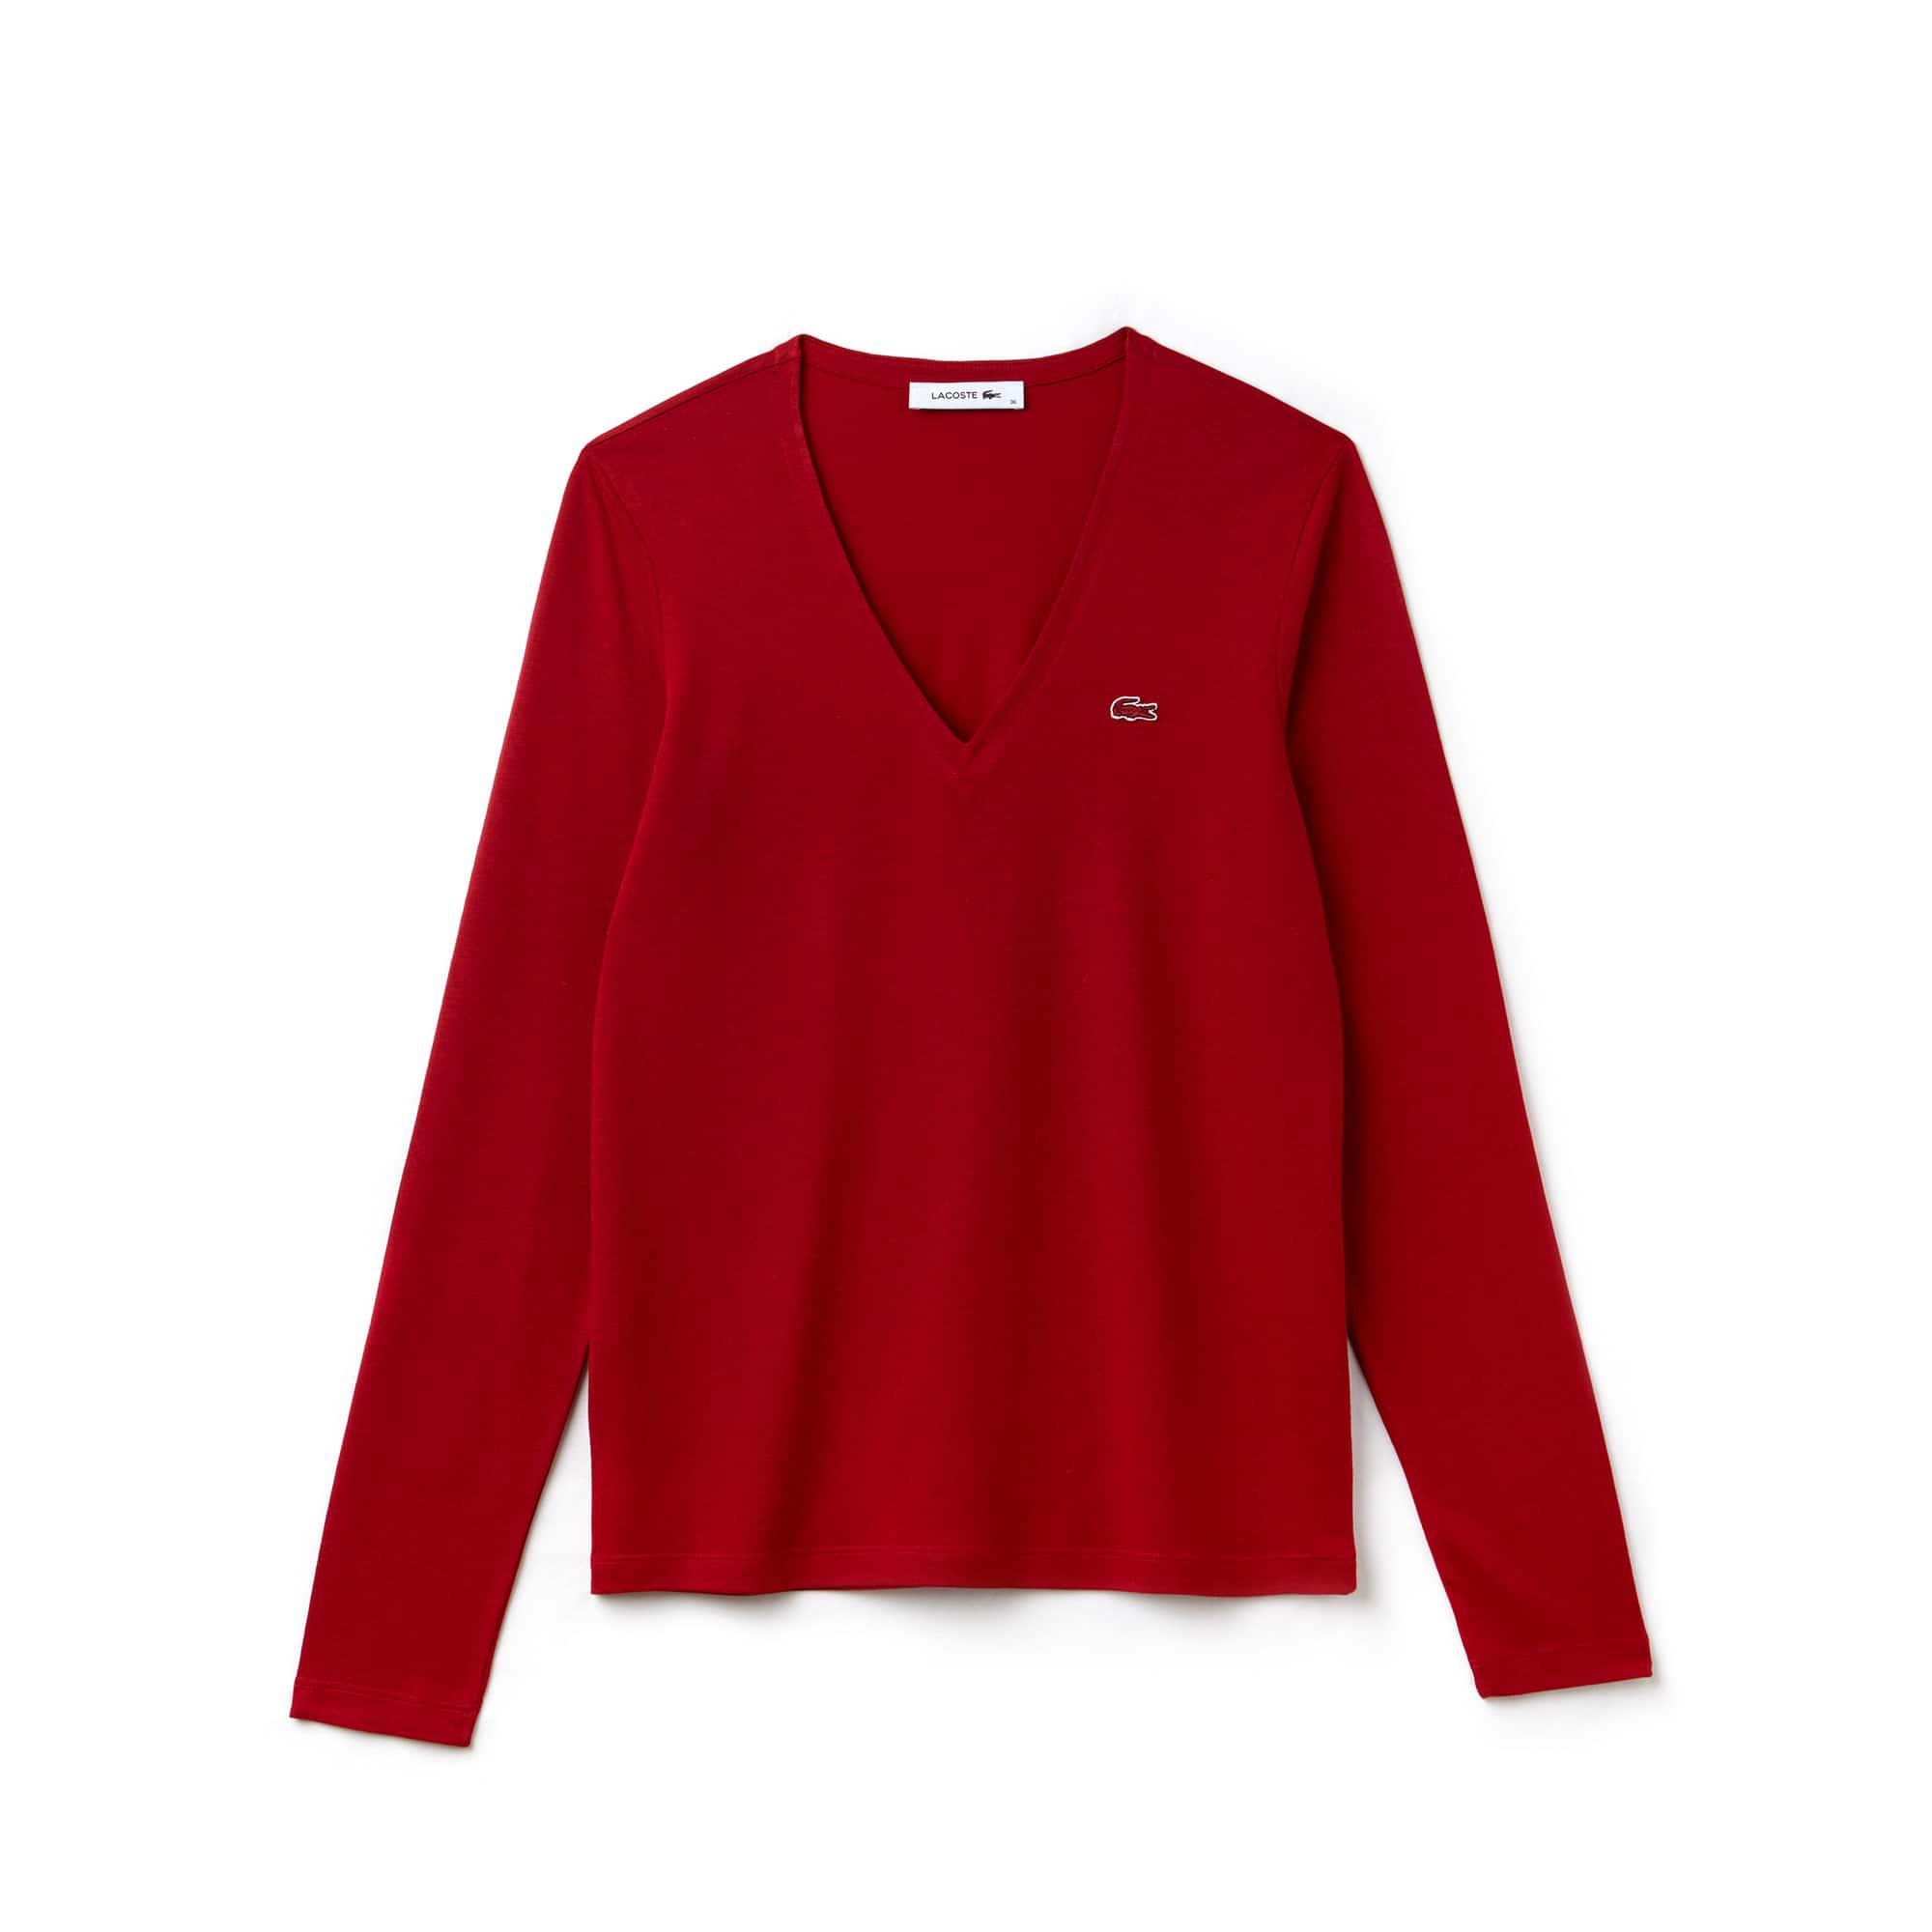 T-shirt decote em V de manga comprida em jersey de algodão fluido unicolor